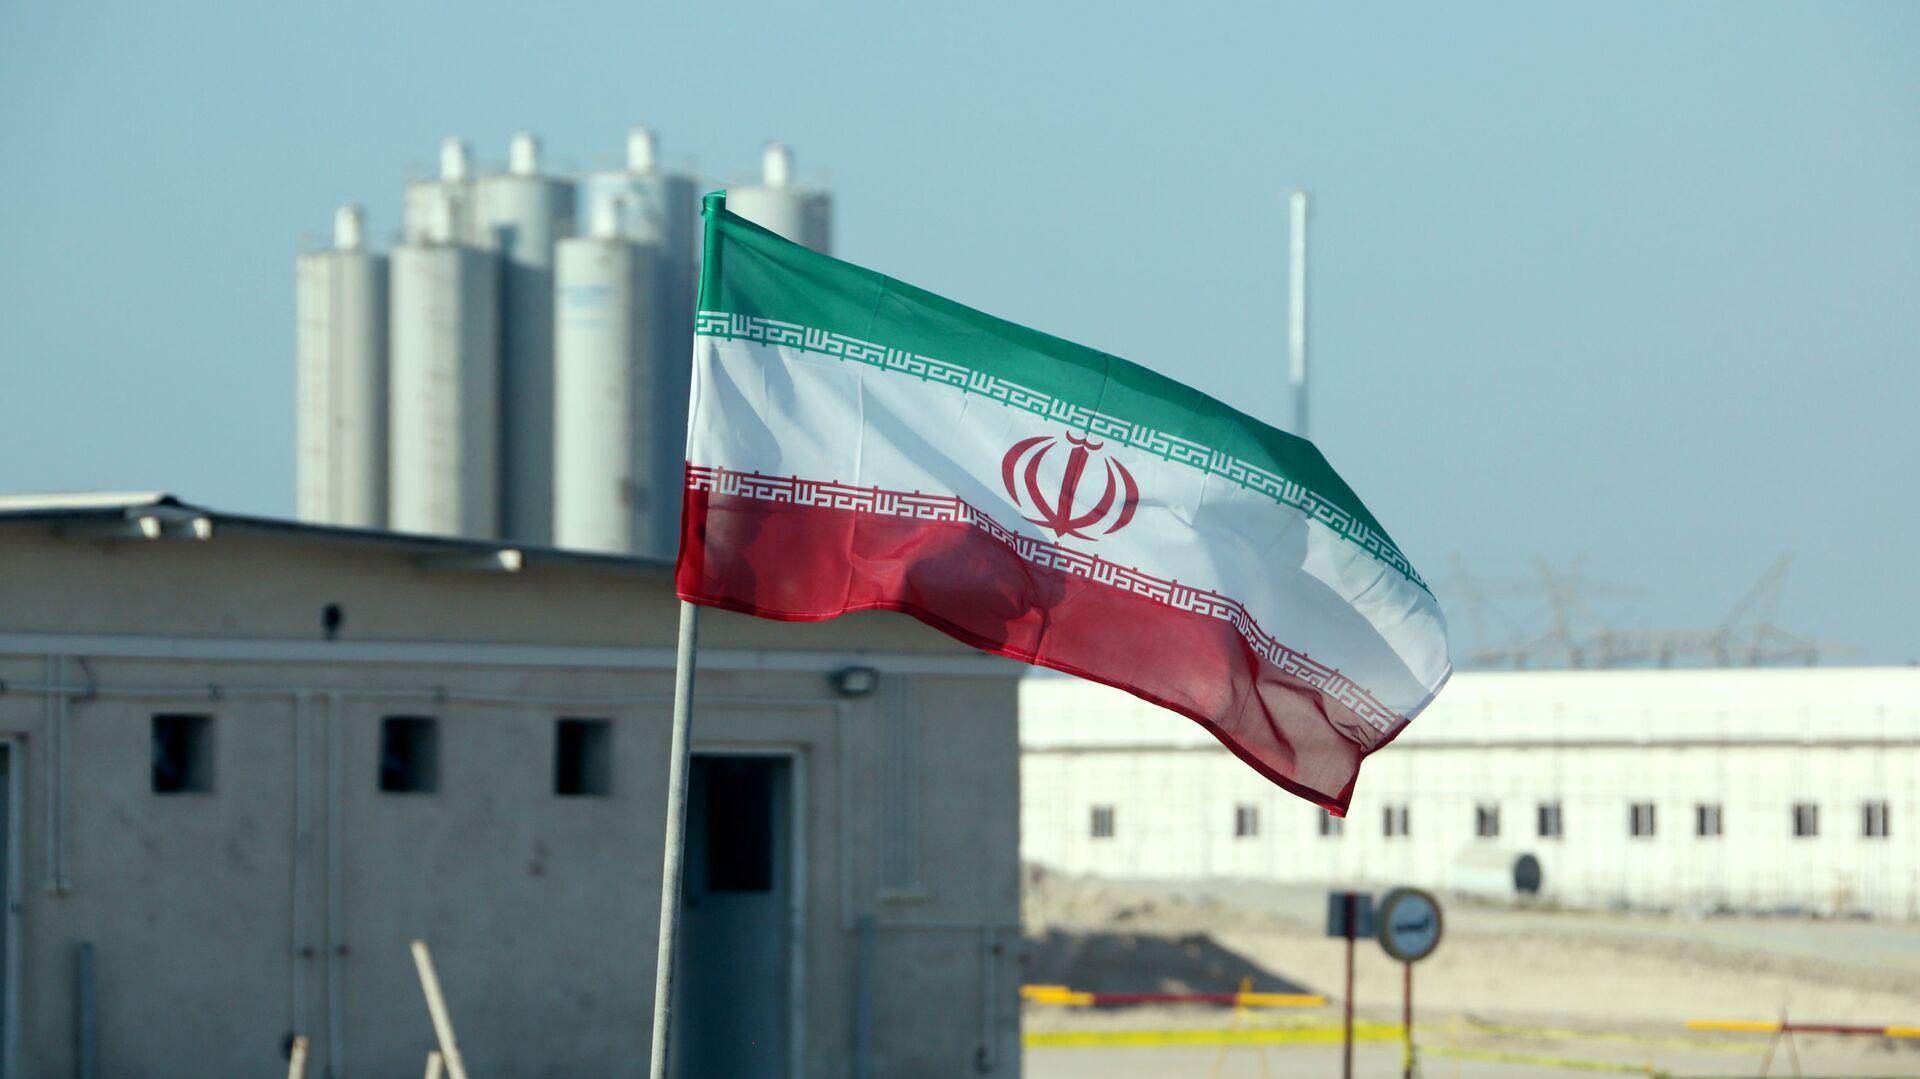 Πυρηνικό εργοστάσιο στο Ιράν - Sputnik Ελλάδα, 1920, 08.10.2021